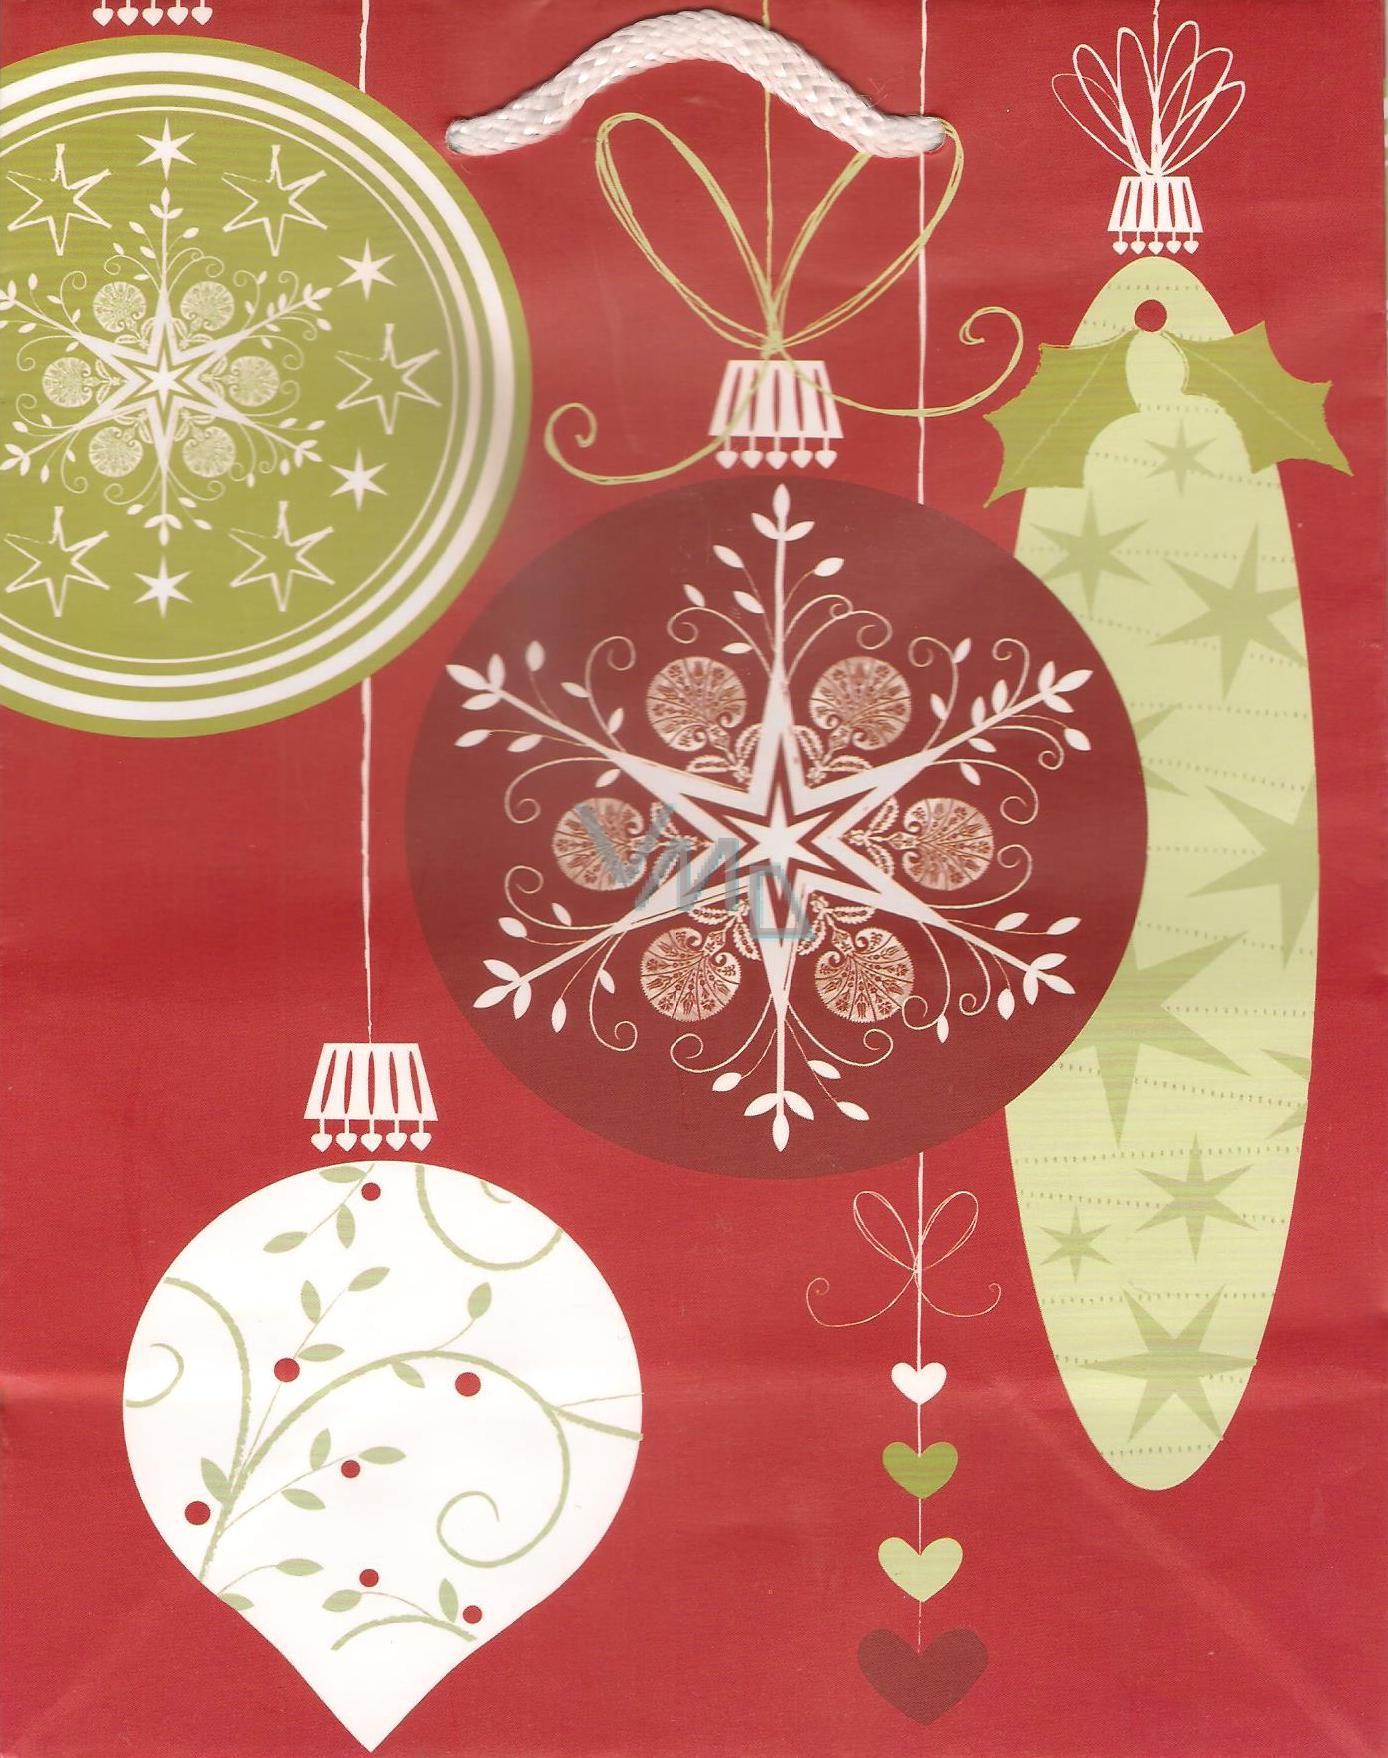 Albi Dárková papírová taška střední 23 x 18 x 10 cm Vánoční TM3 96241